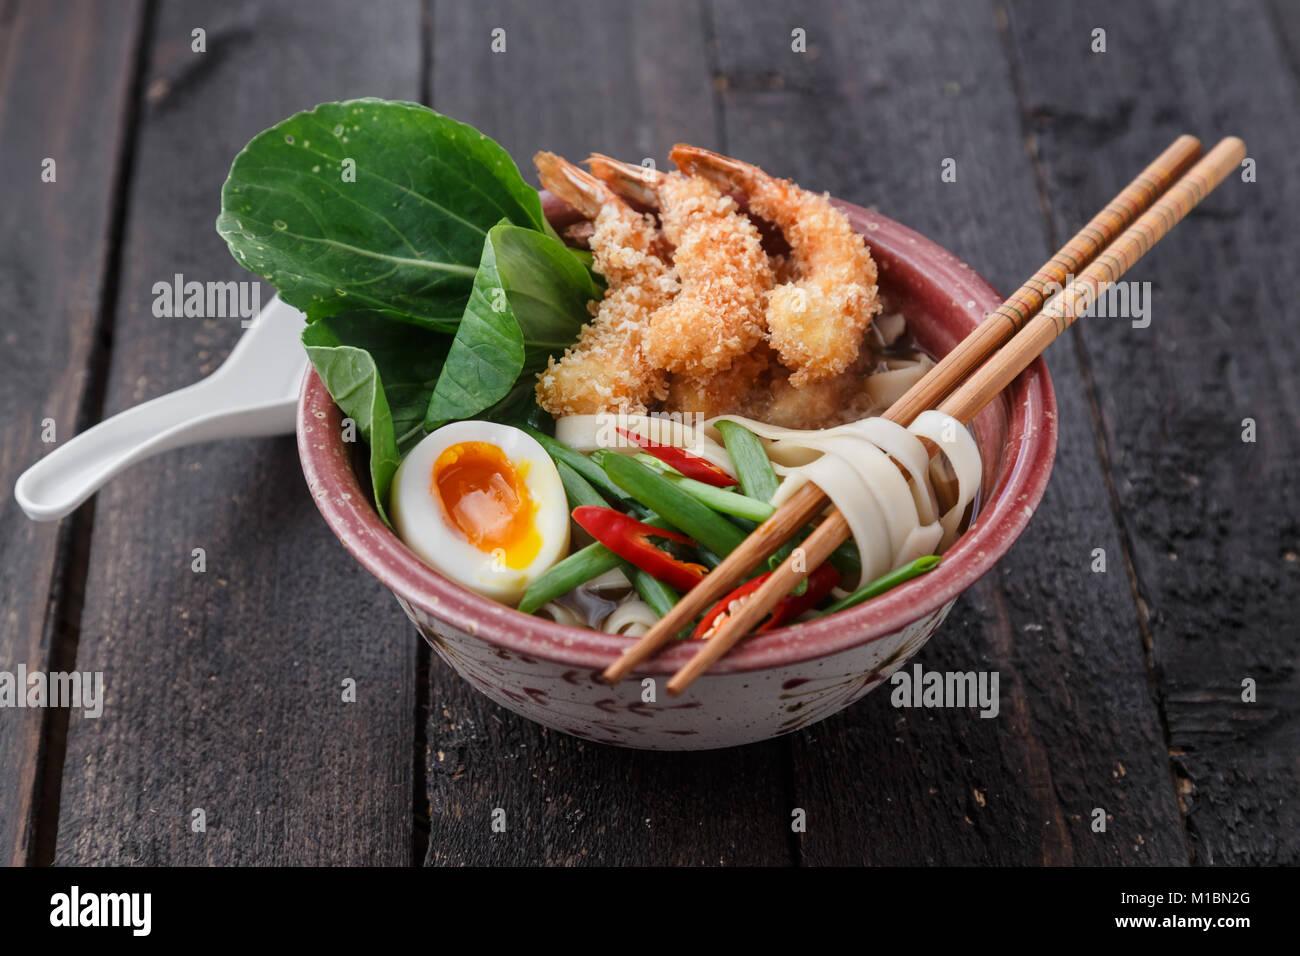 Asiatica di frutti di mare piccante zuppa di noodle con tempura di gamberi e verdi, Chiudi vista Immagini Stock